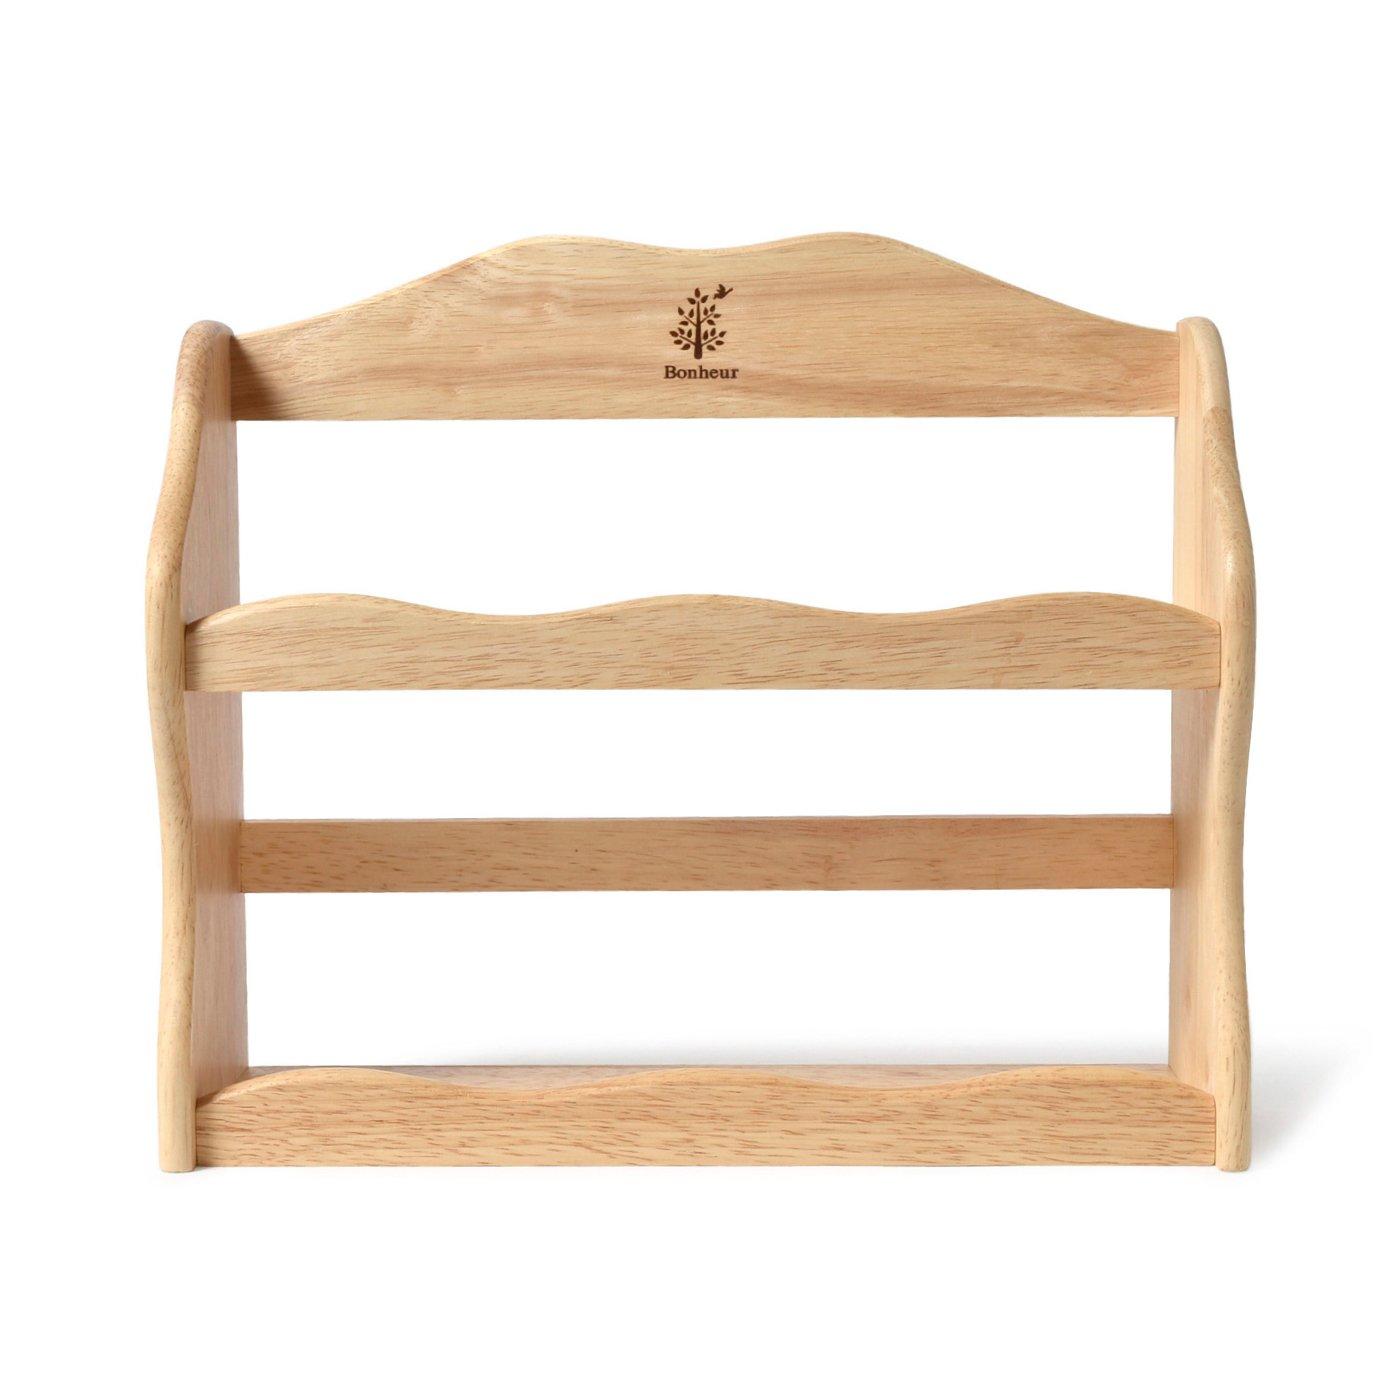 キッチンをおしゃれに演出!木製スパイスラック <ボヌール>